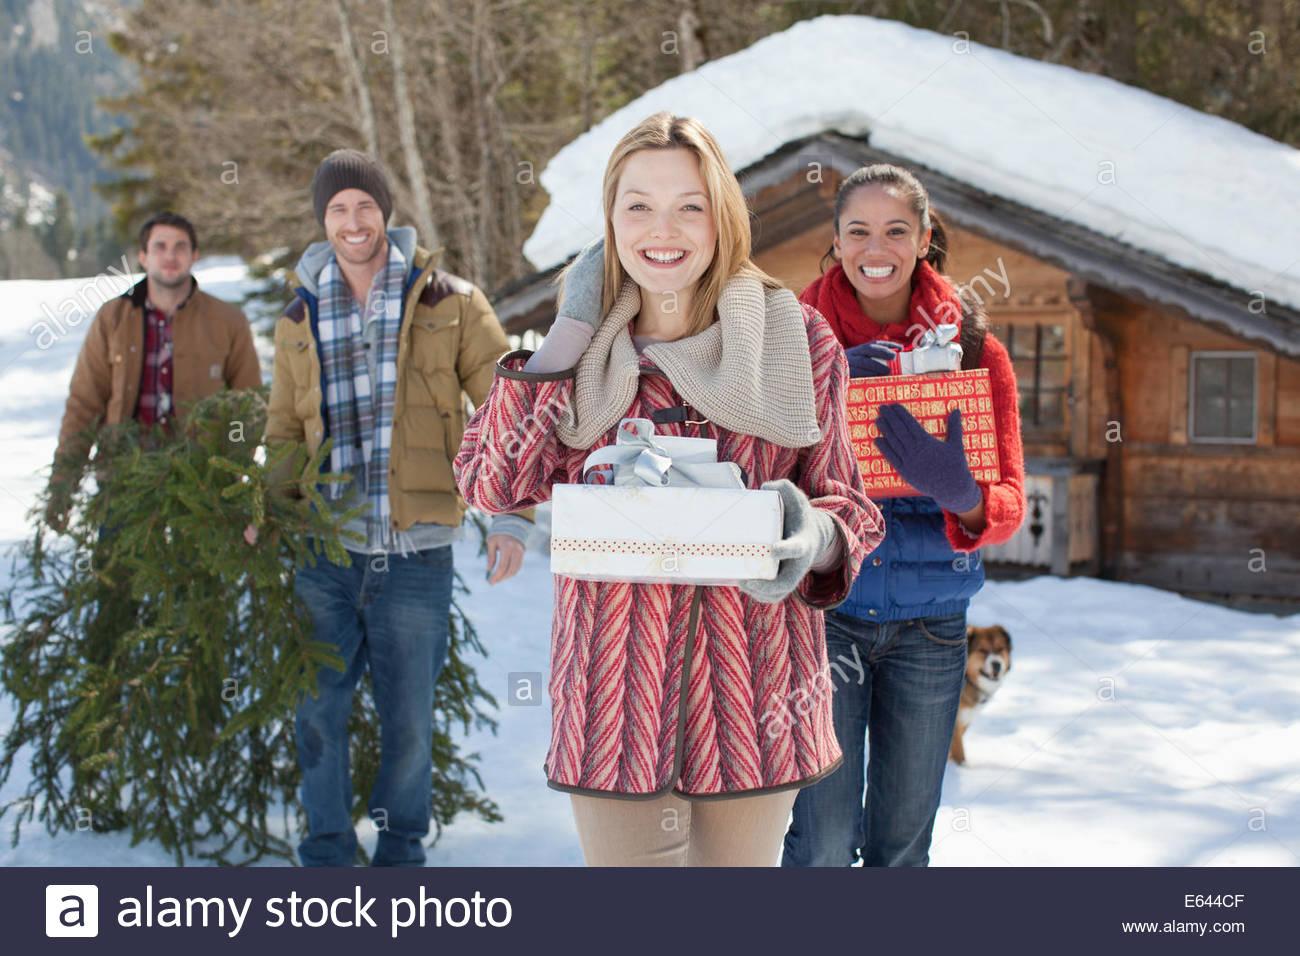 Ritratto di coppie sorridente con Fresh cut albero di Natale e regali nella neve Immagini Stock